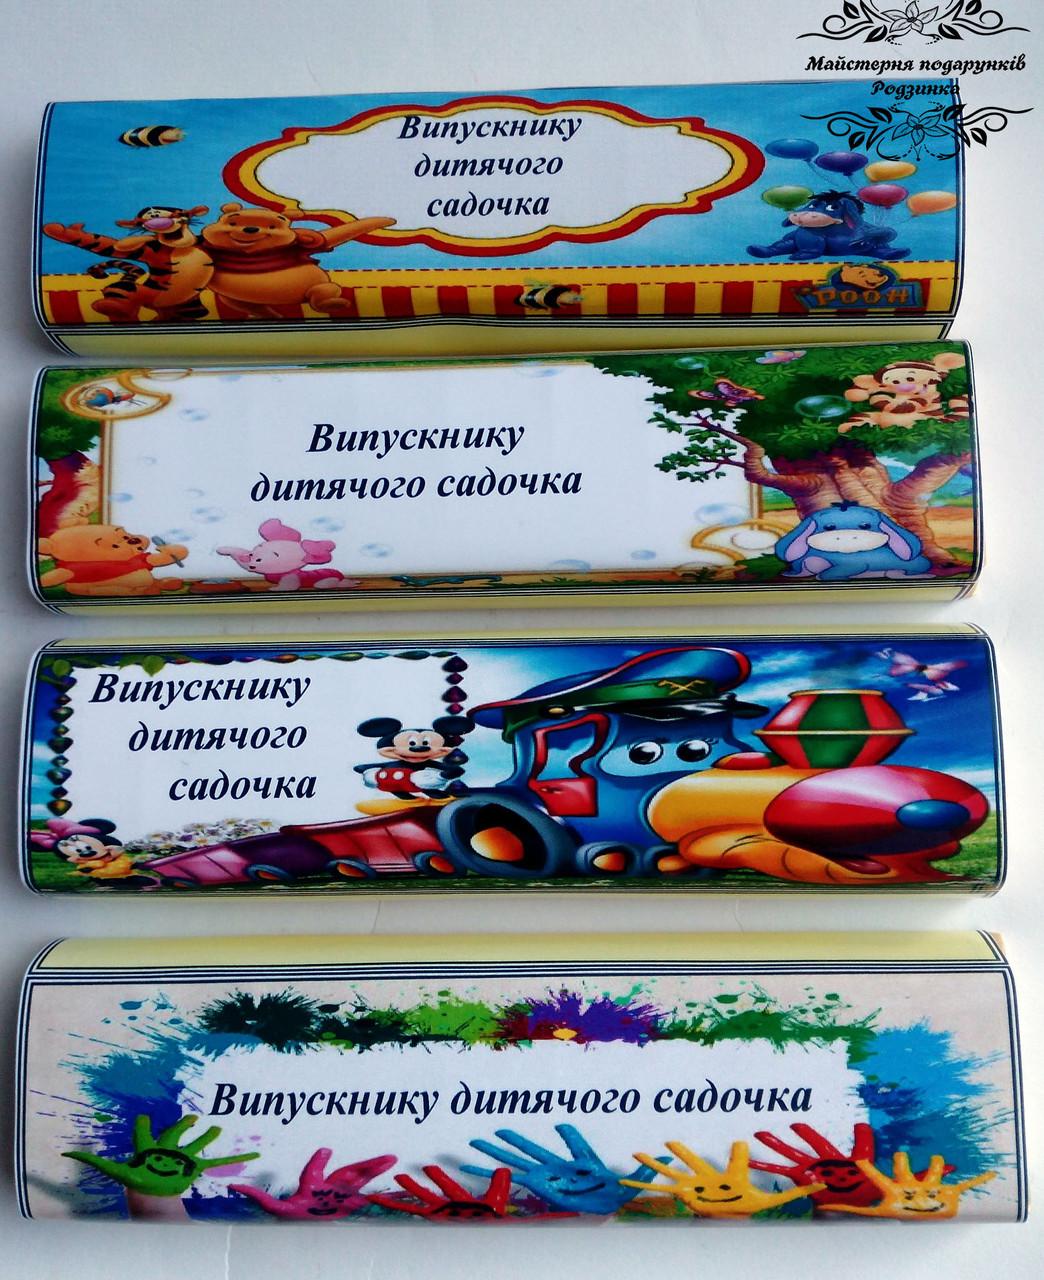 Подарунковий шоколад  для випускників садочку / шоколадная бонбоньерка для садика